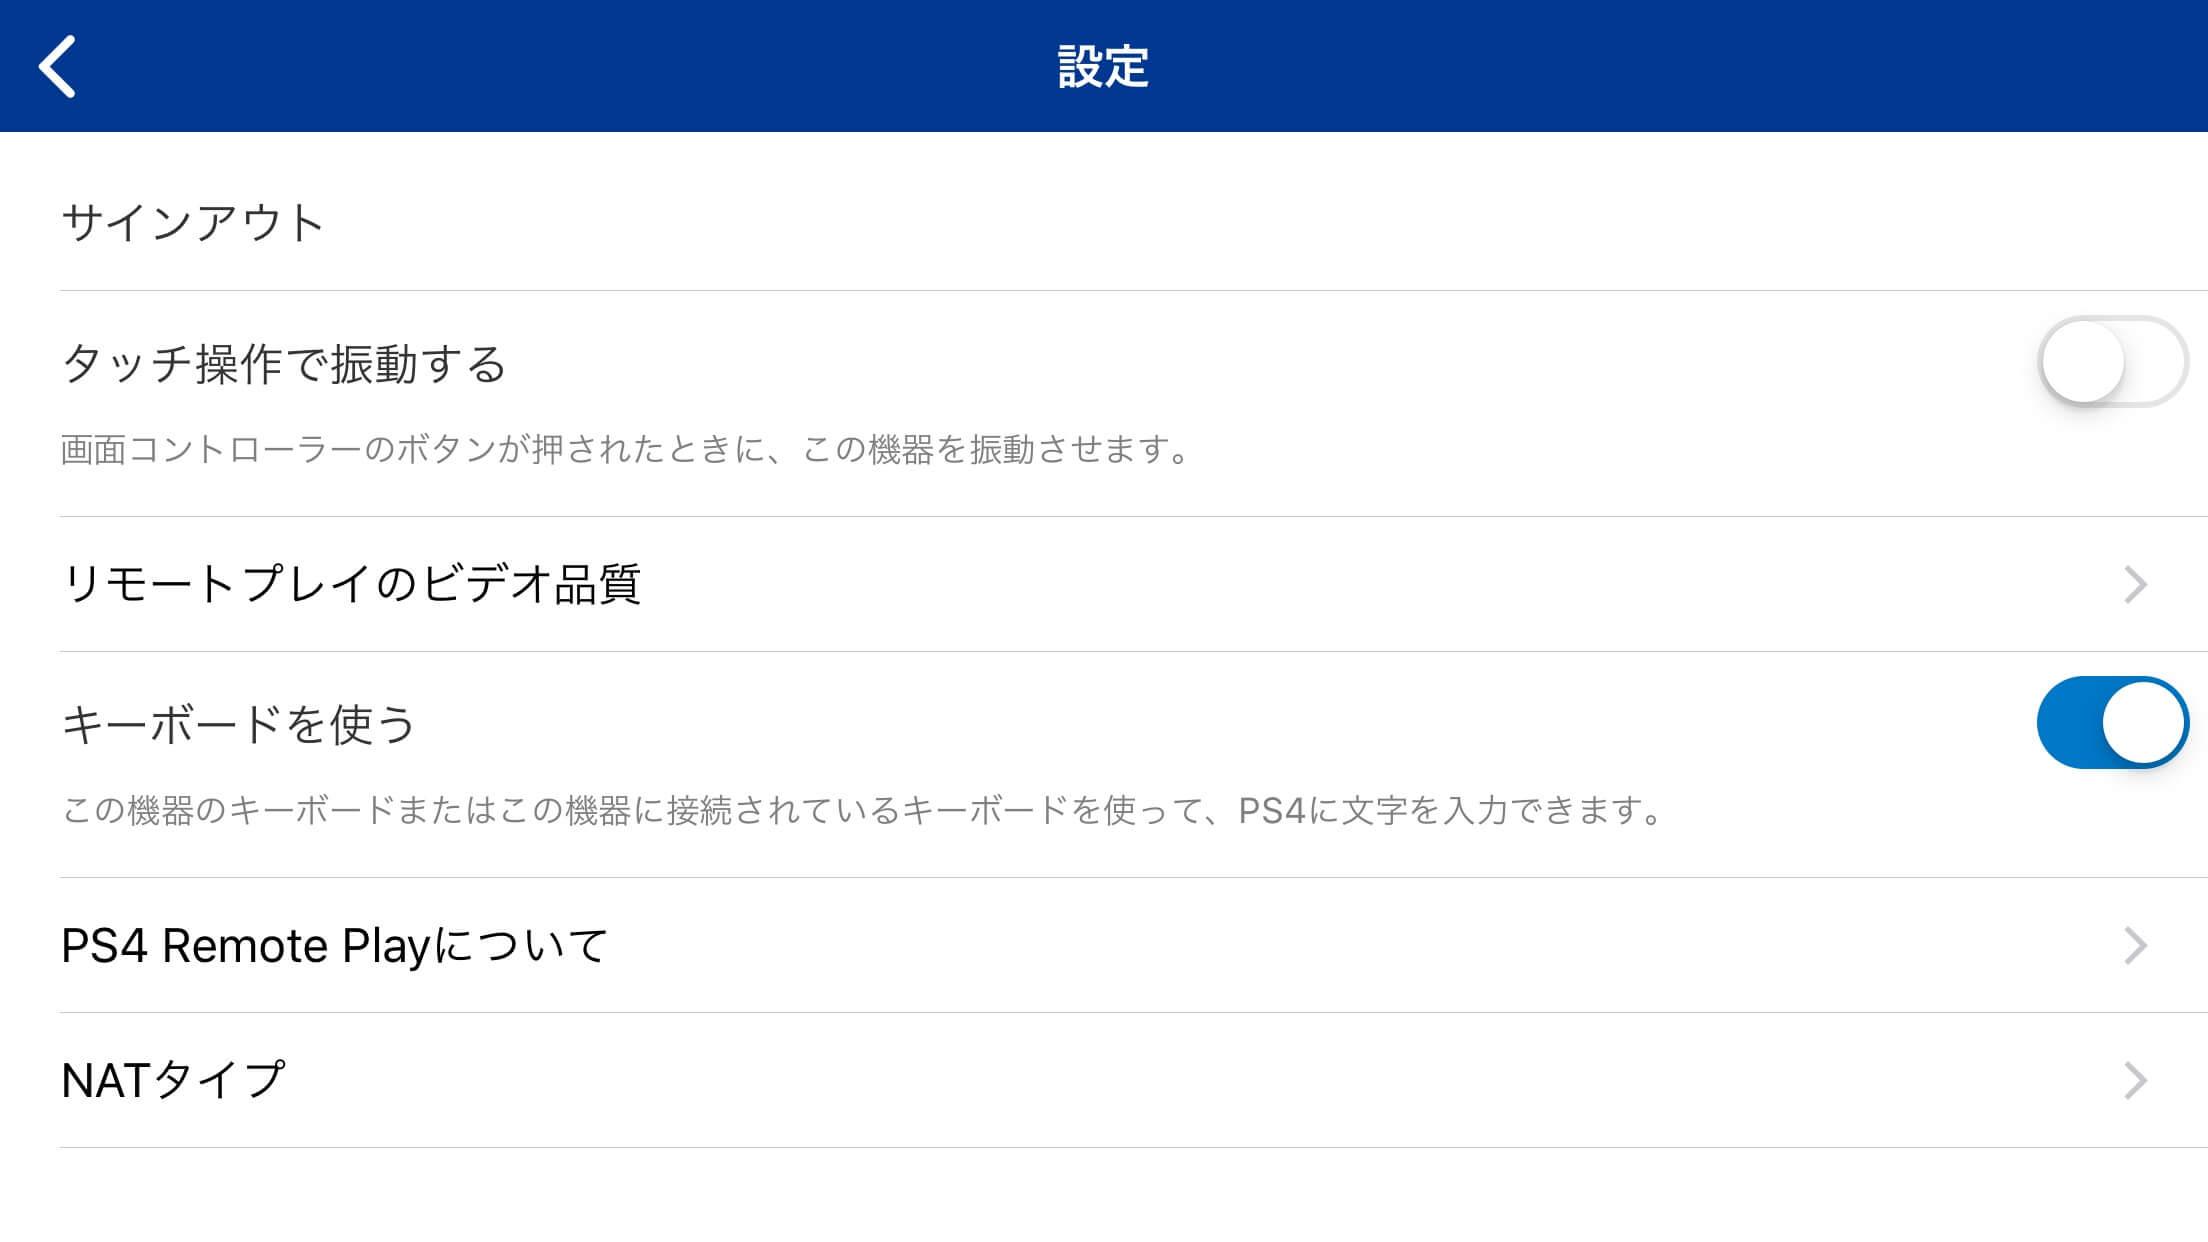 リモートプレイのアプリ